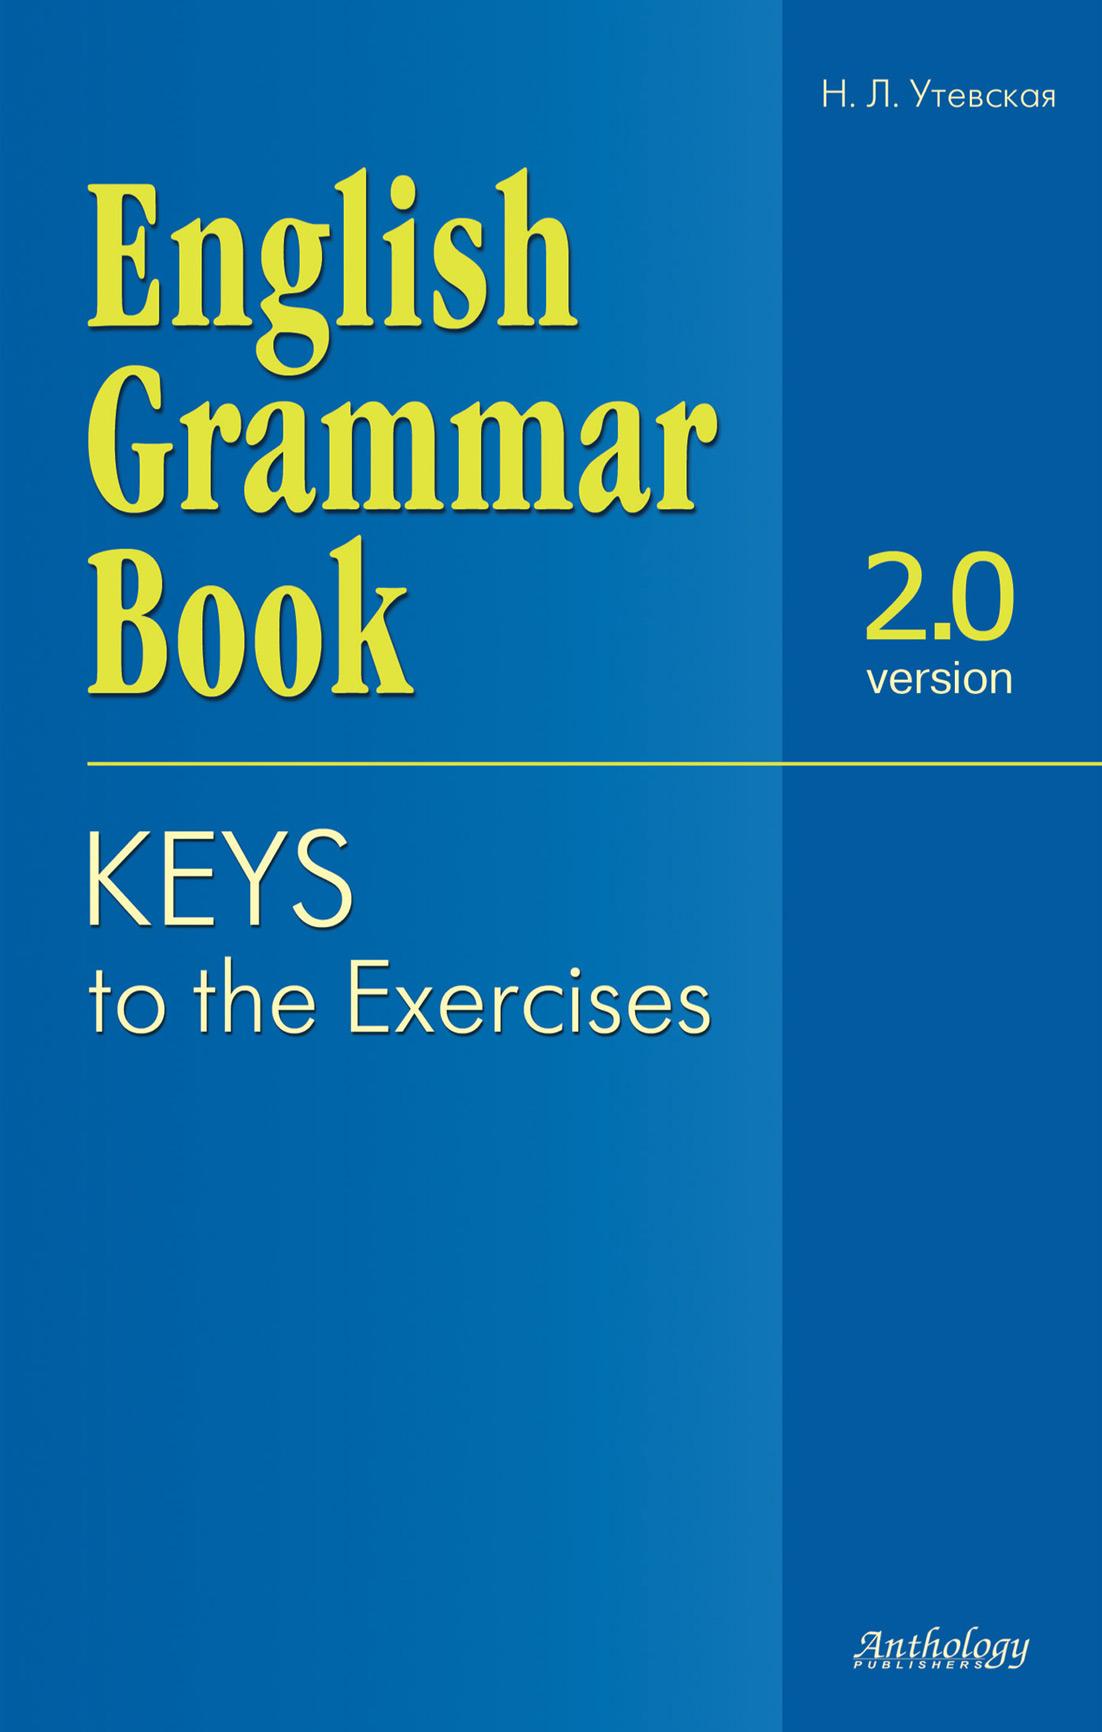 Н. Л. Утевская English Grammar Book. Version 2.0. Keys to the Exercises. (Ключи к упражнениям учебного пособия) фильтр для аквариума sea star hx 1380f2 внутренний 25w 1800 л ч